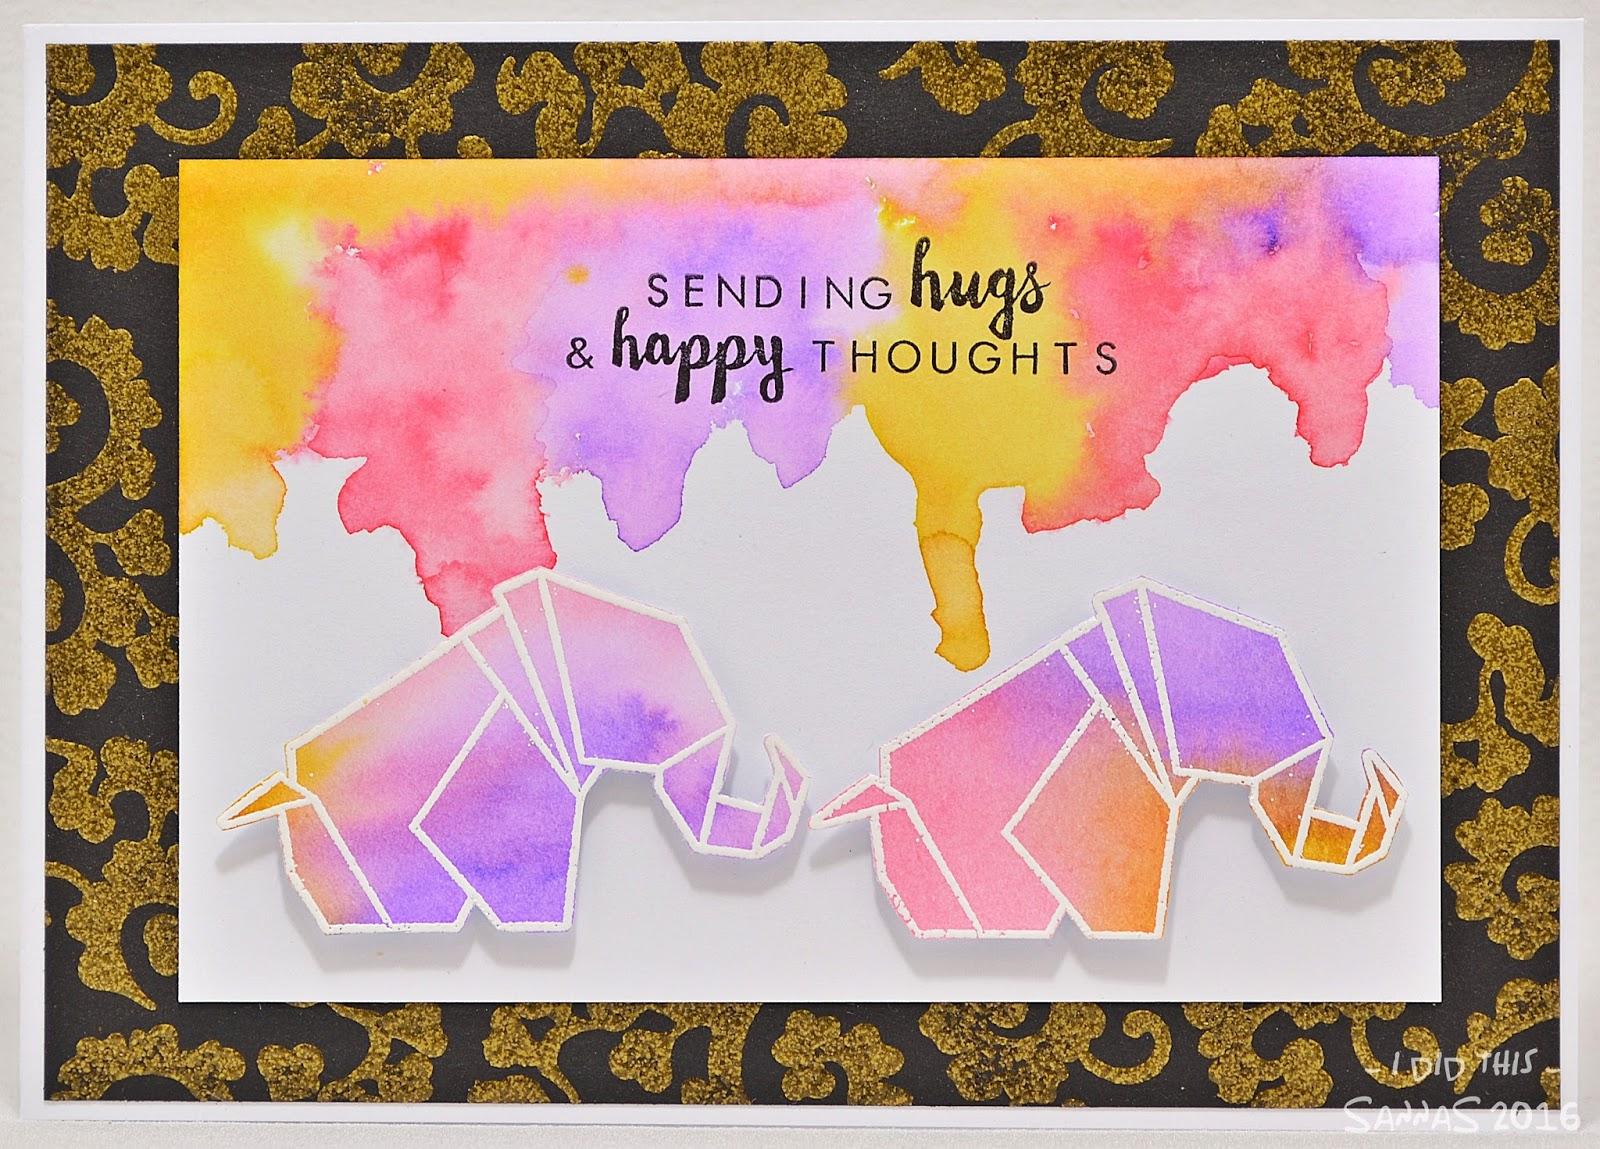 http://korttipajasannas.blogspot.fi/2016/01/sending-hugs.html